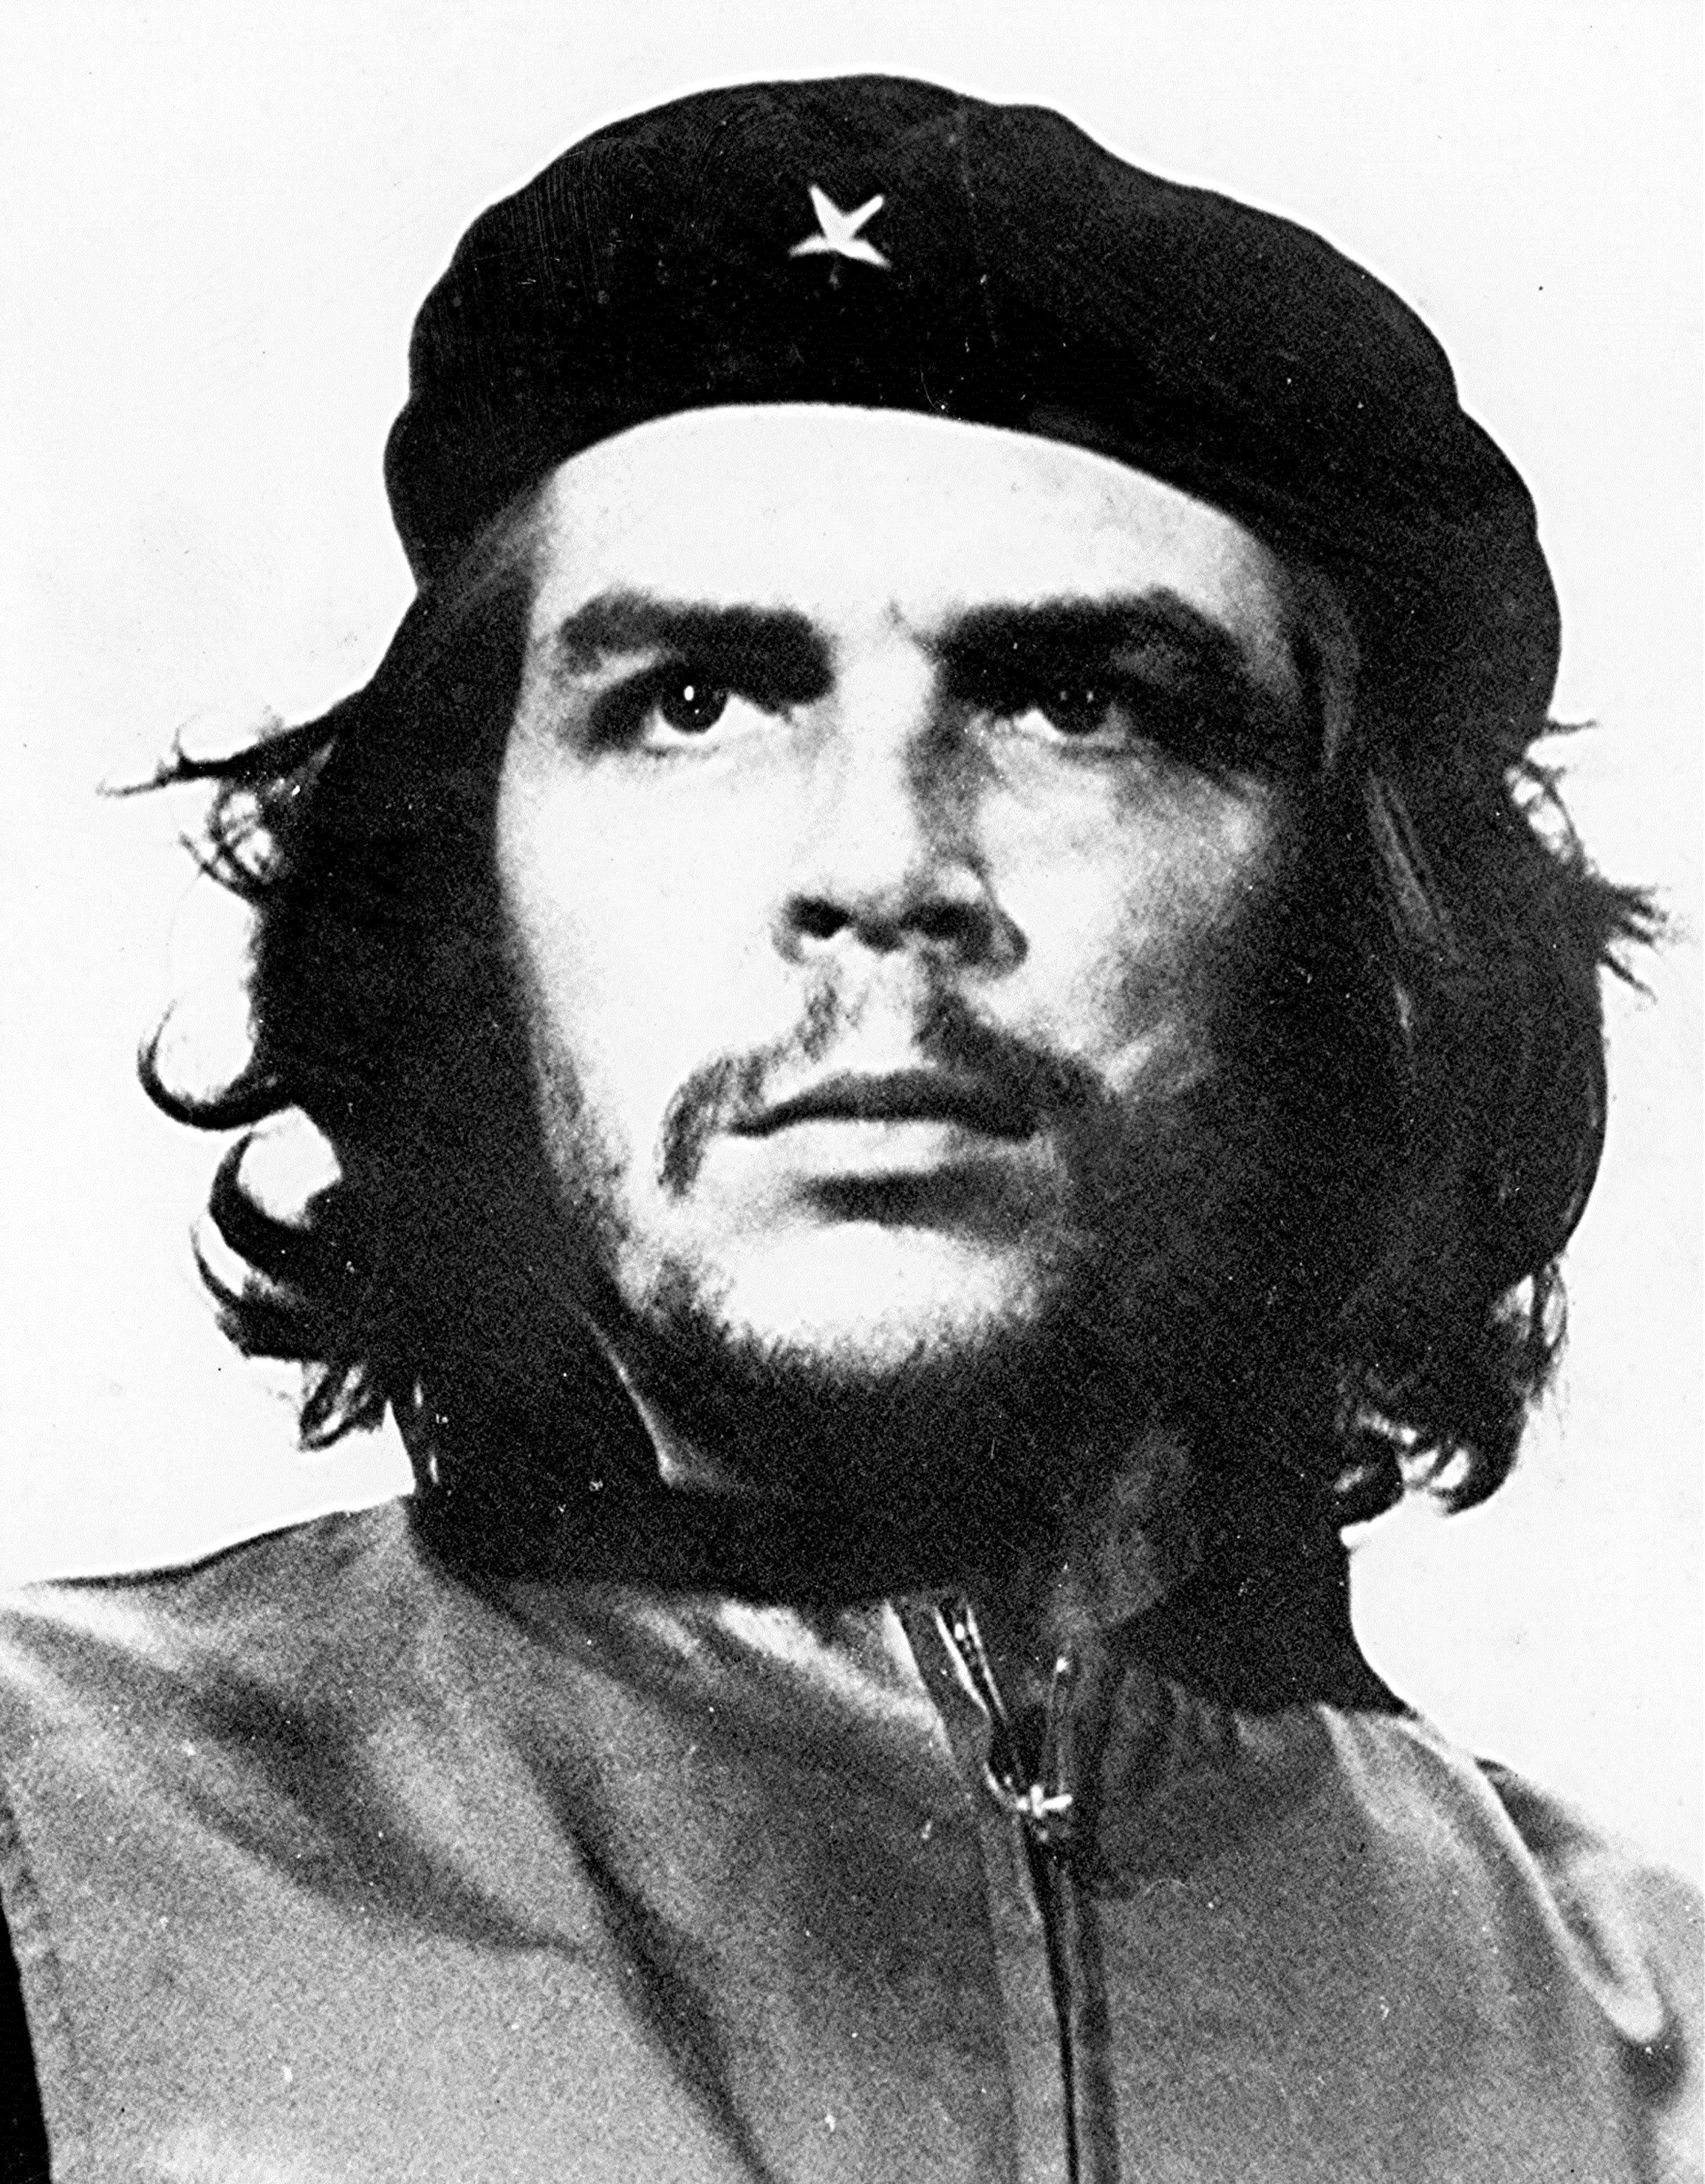 Un portrait de Che Guevara réalisé par Alberto Korda est considéré comme l'une des photographies les plus célèbres au monde